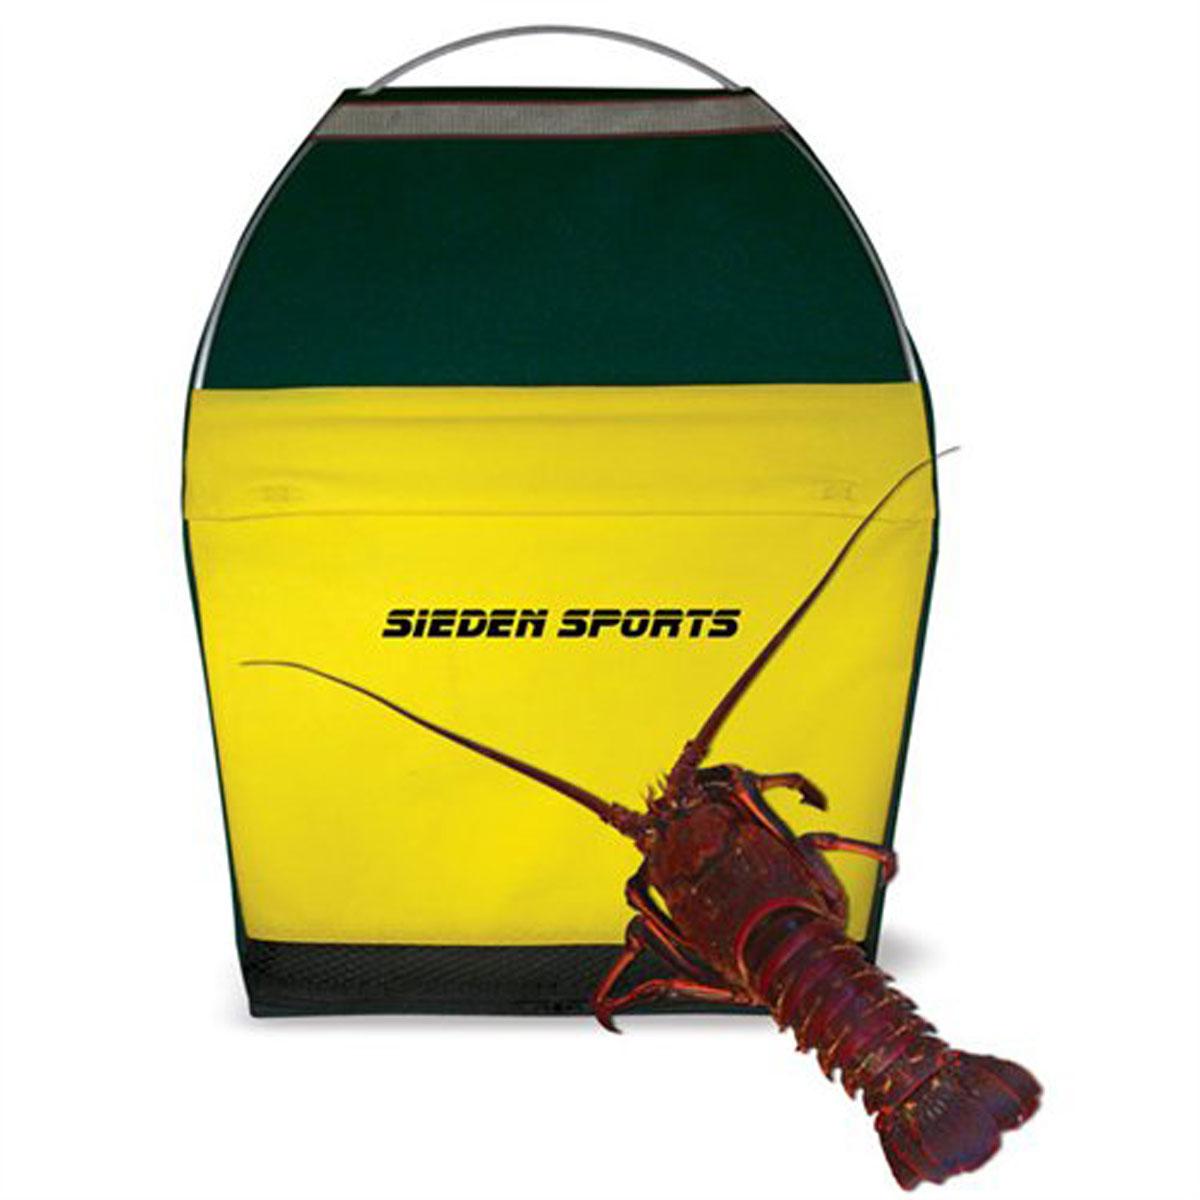 Sieden Sports